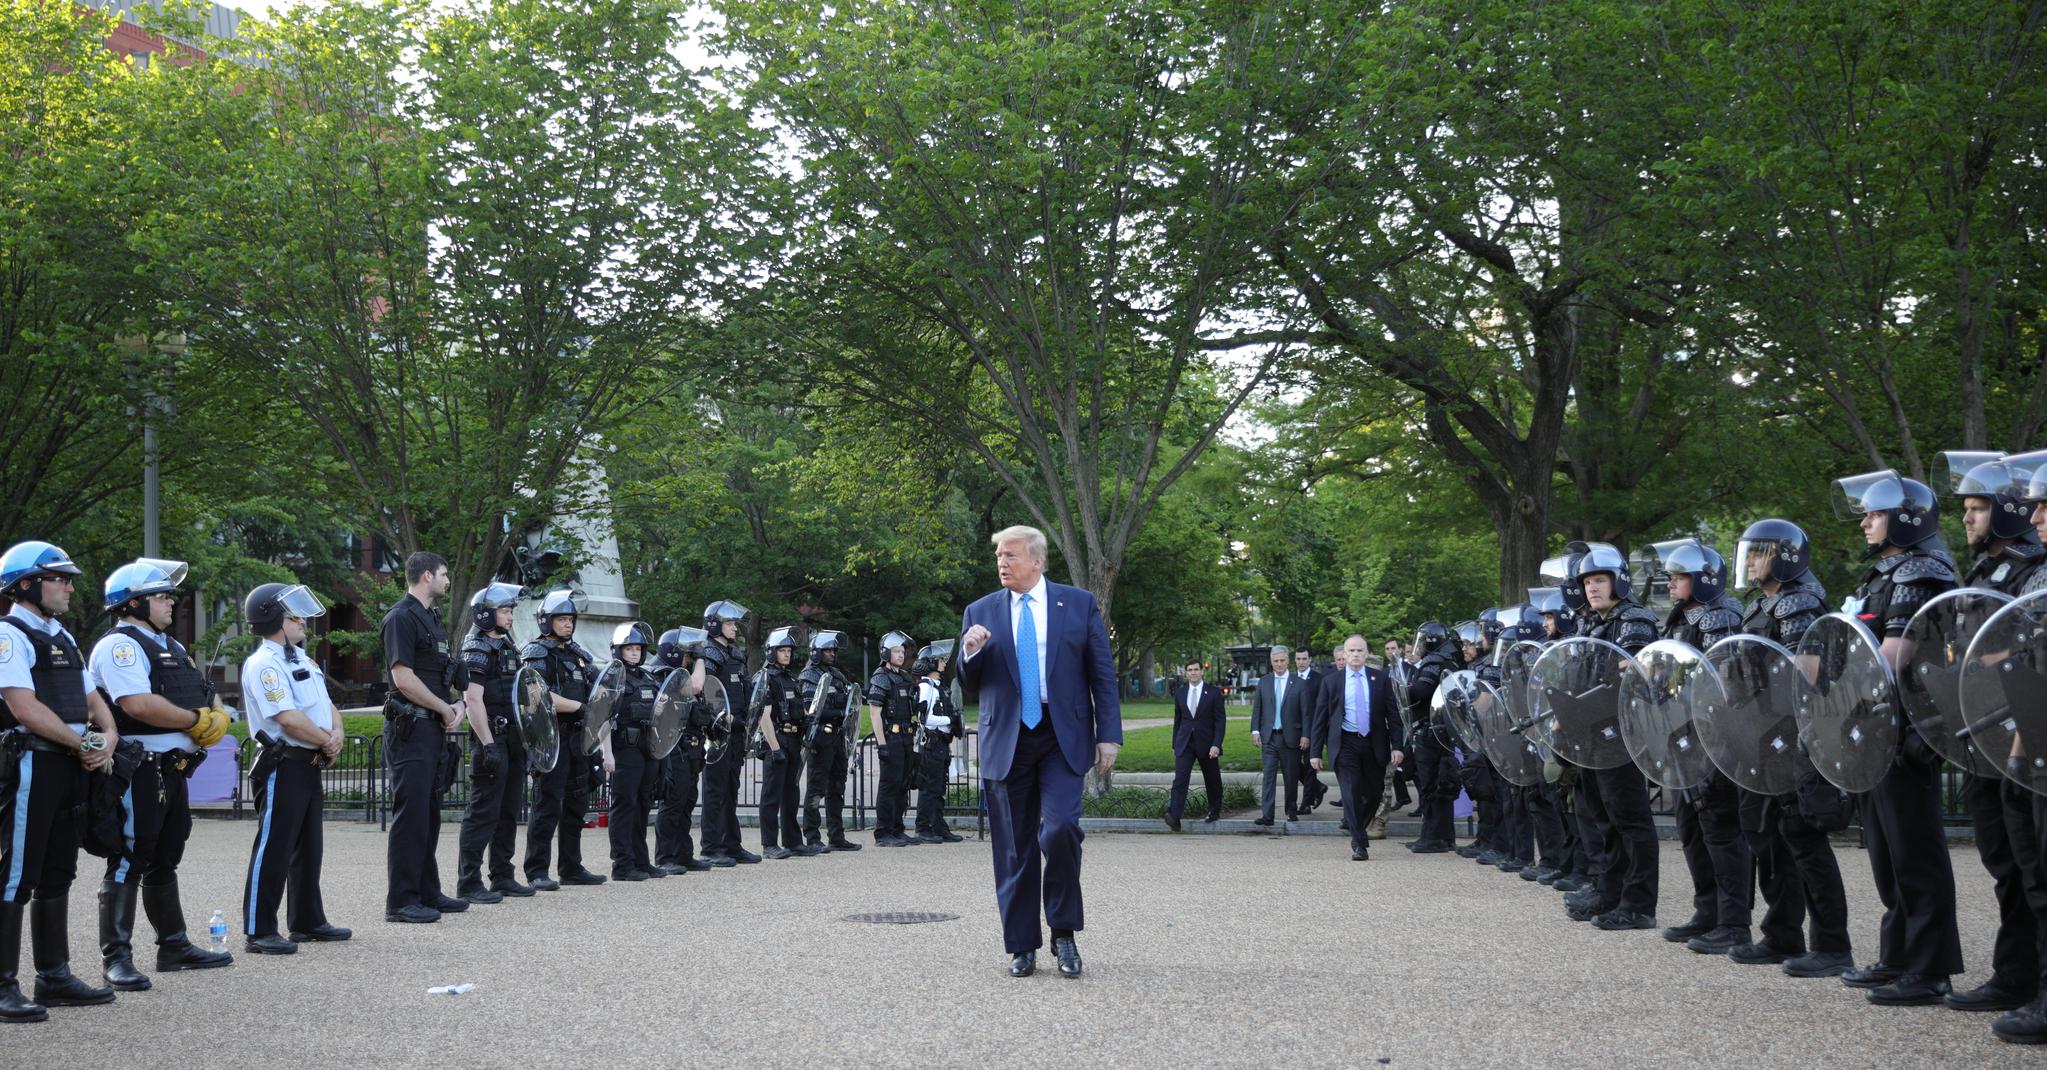 도널드 트럼프 대통령이 1일(현지시간) 백악관을 나와 세인트존스 교회로 가는 도중 진압복을 입은 경찰 사이를 지나며 주먹을 쥐어 보이고 있다. [로이터=연합뉴스]